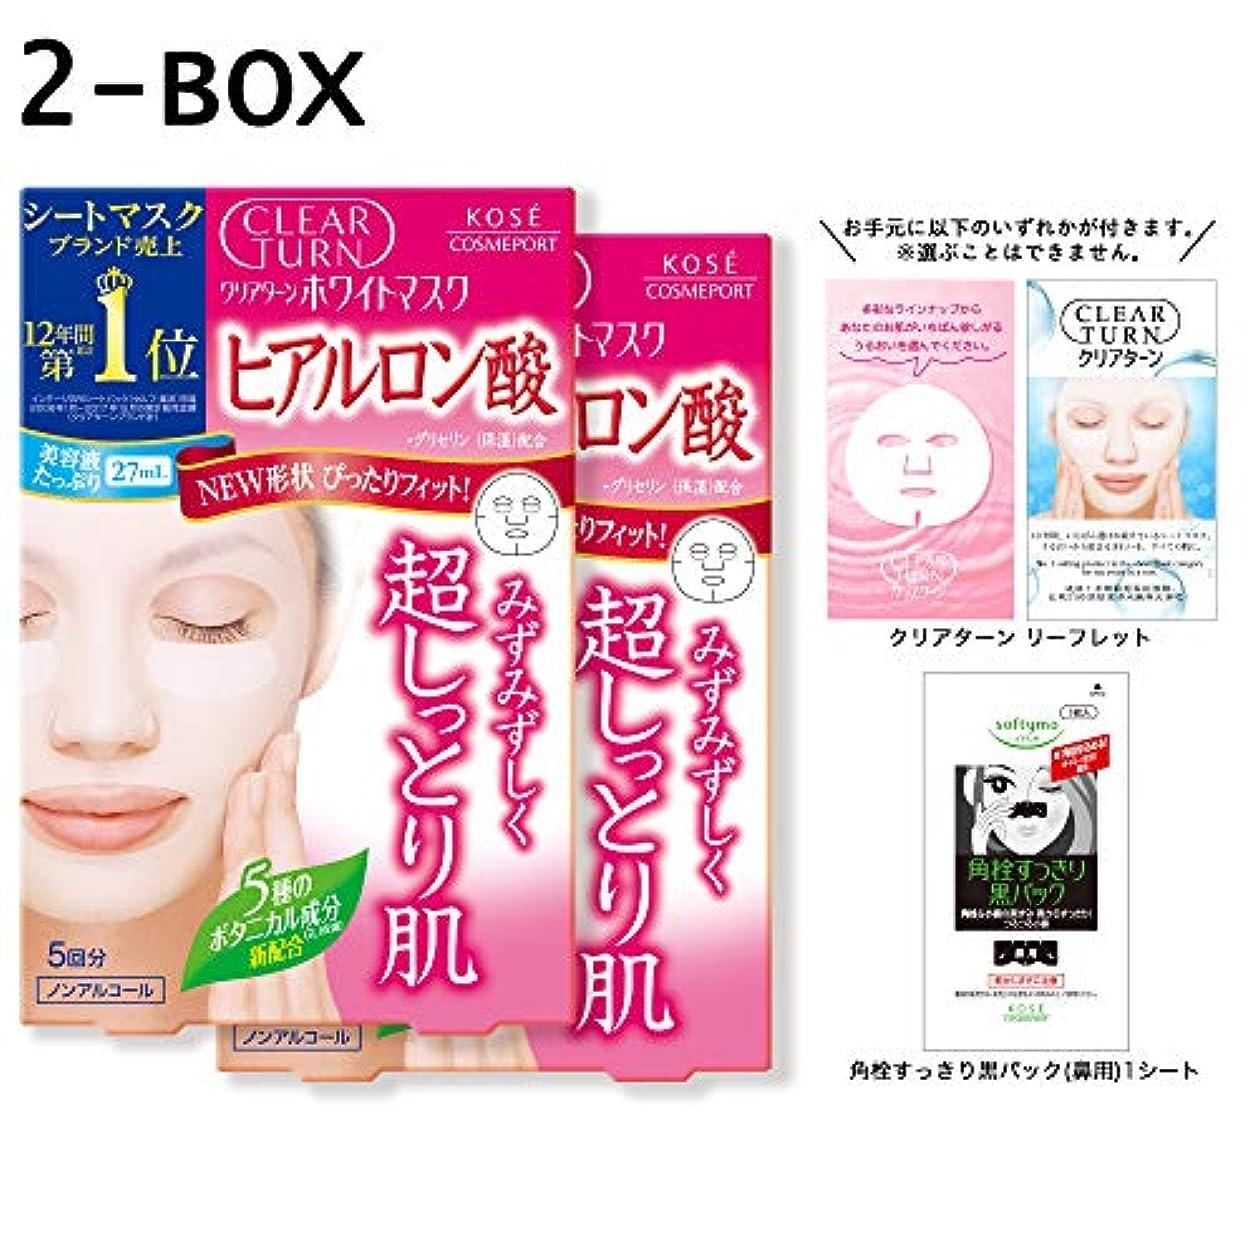 チャールズキージングライバルそれに応じて【Amazon.co.jp限定】KOSE クリアターン ホワイト マスク HA (ヒアルロン酸) 5回分 2P+おまけ付 フェイスマスク